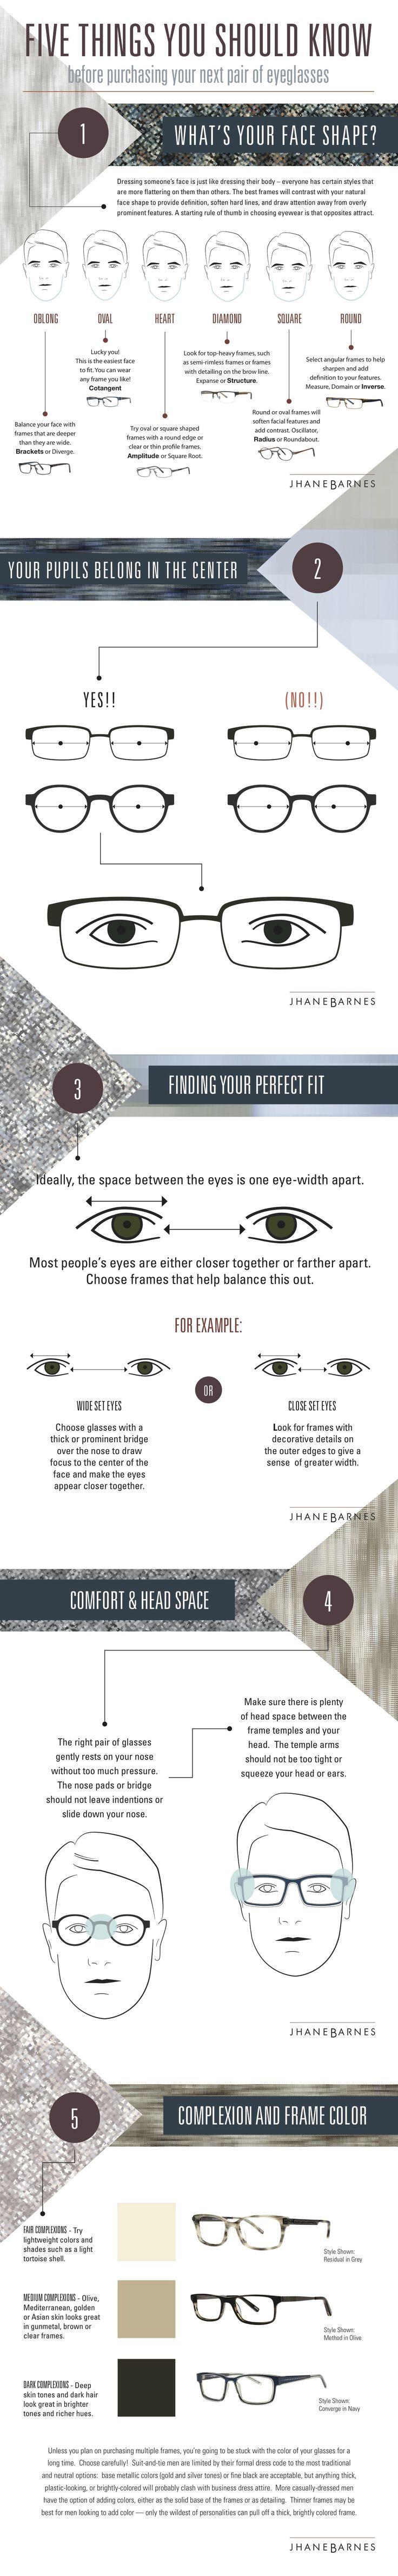 Cinco coisas que precisamos saber antes de comprar os próximos óculos!